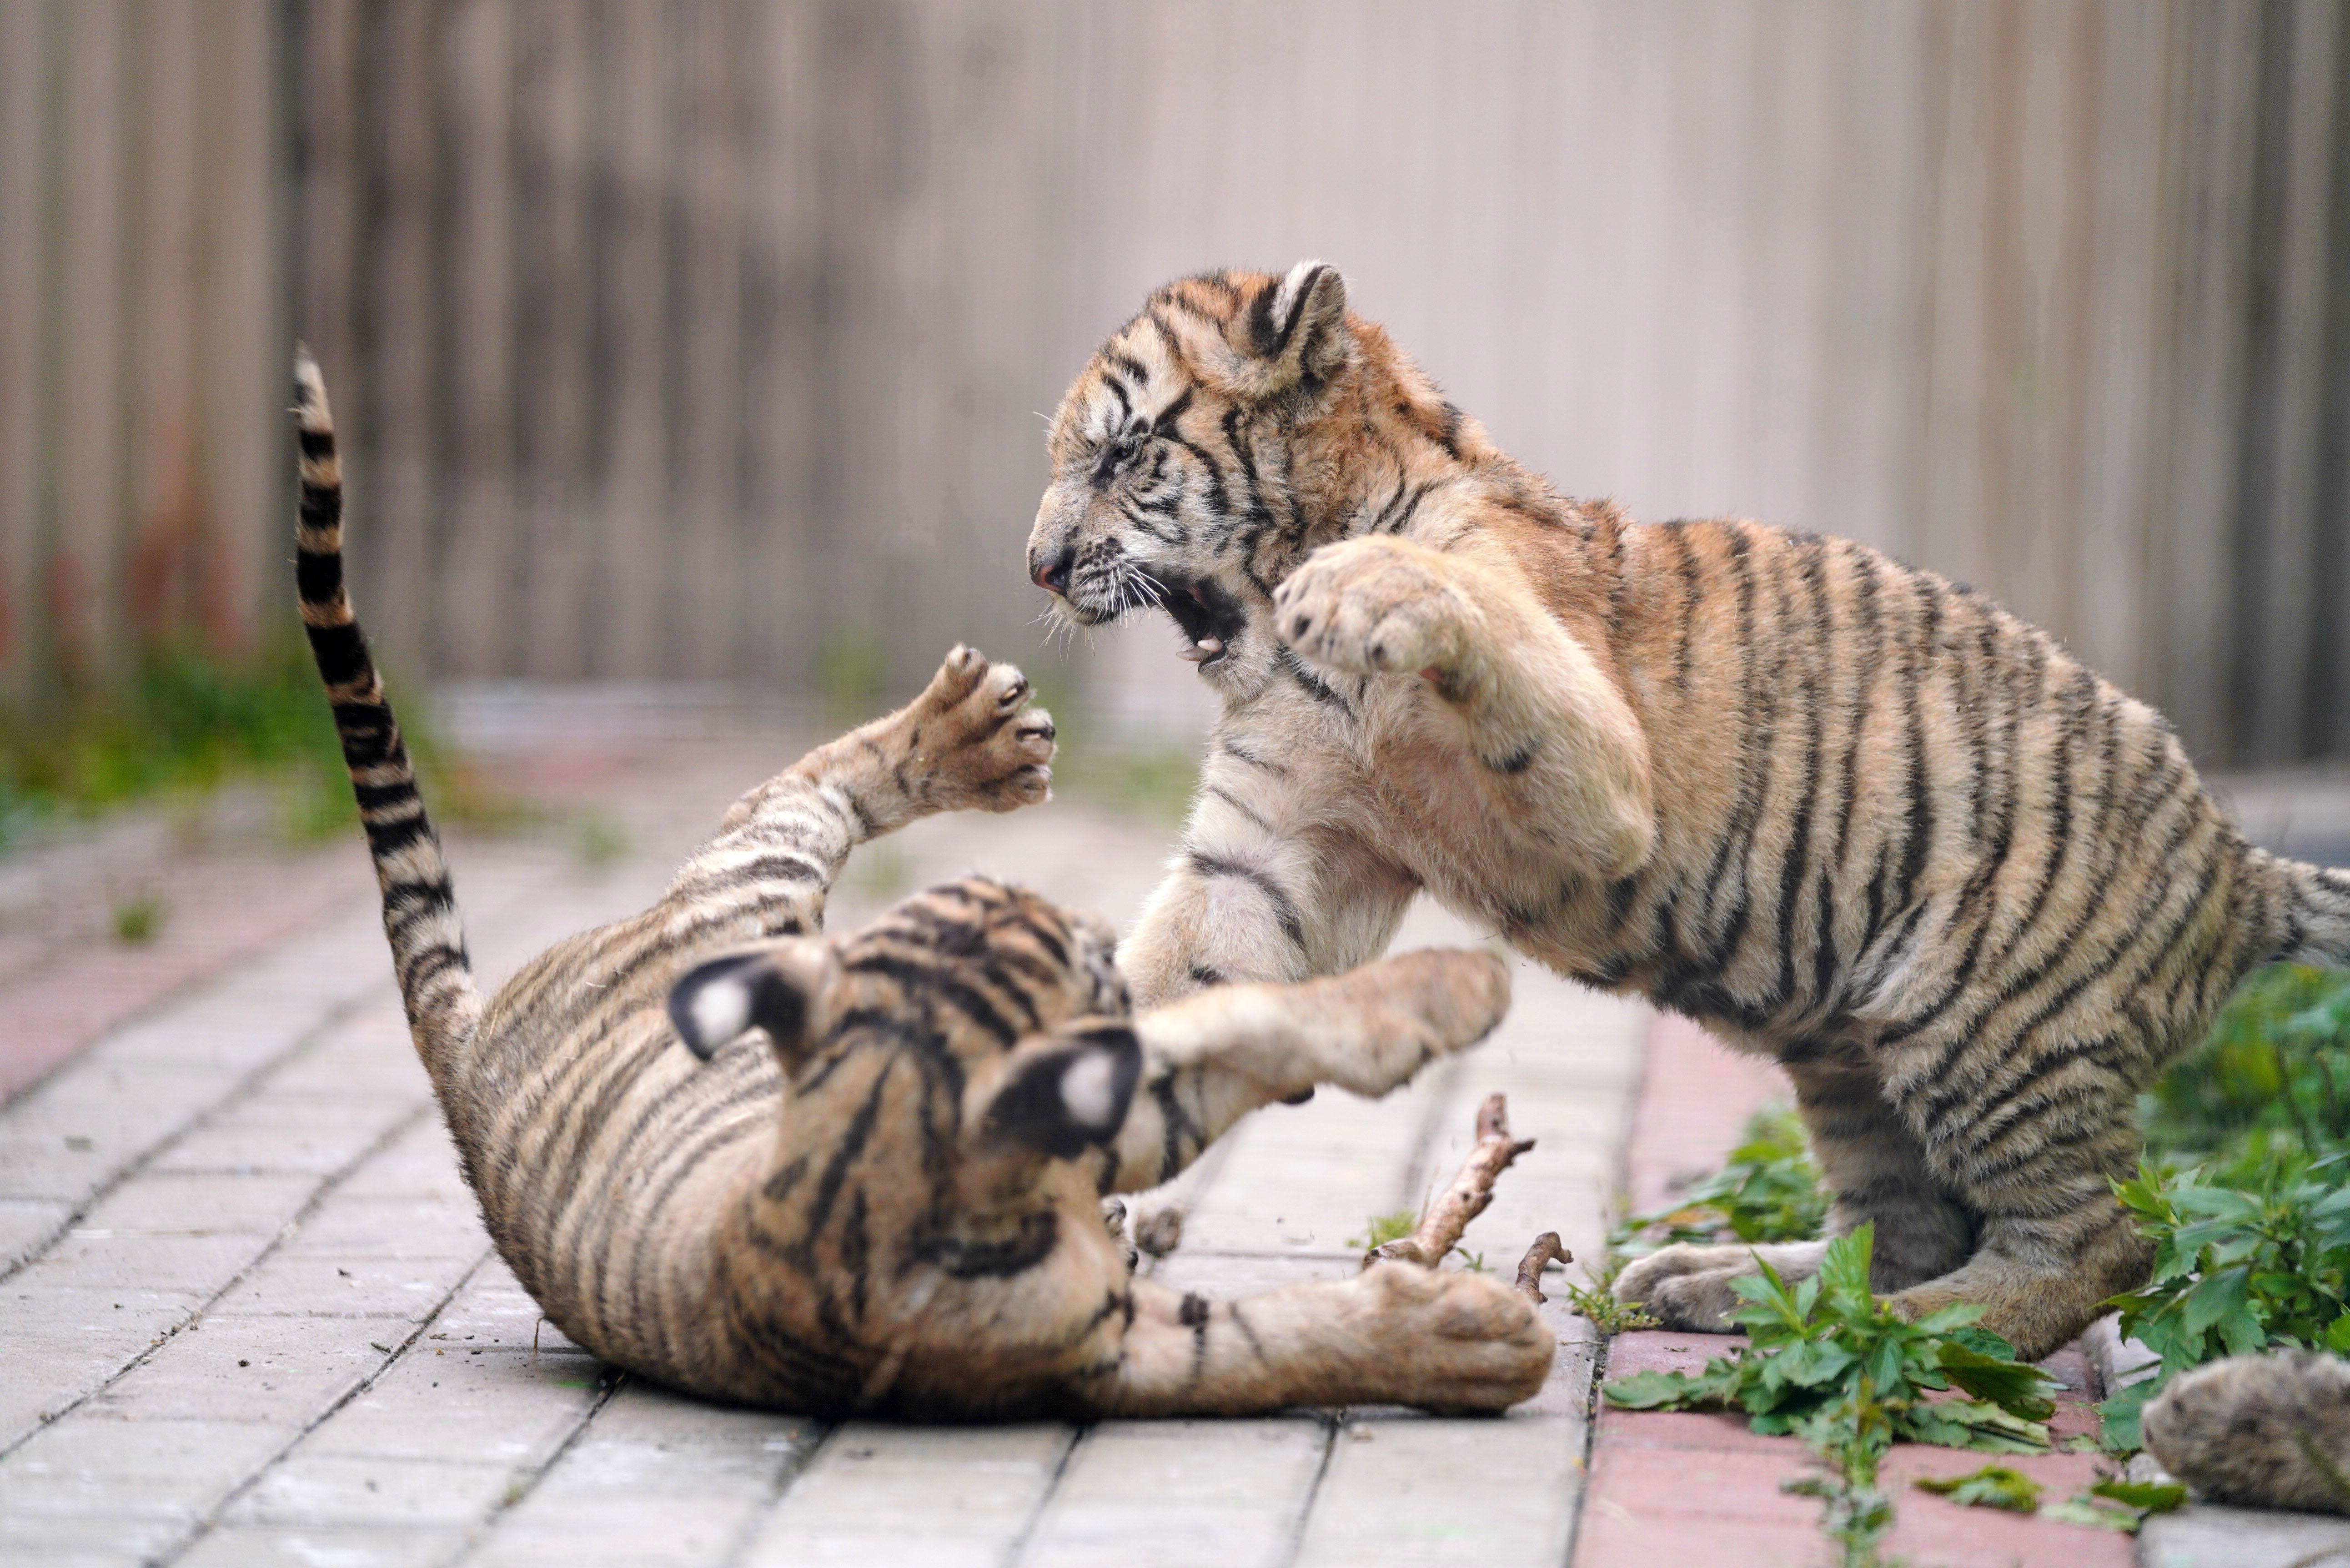 100 szibériai tigris született 2019-ben a világ legnagyobb tenyészközpontjában